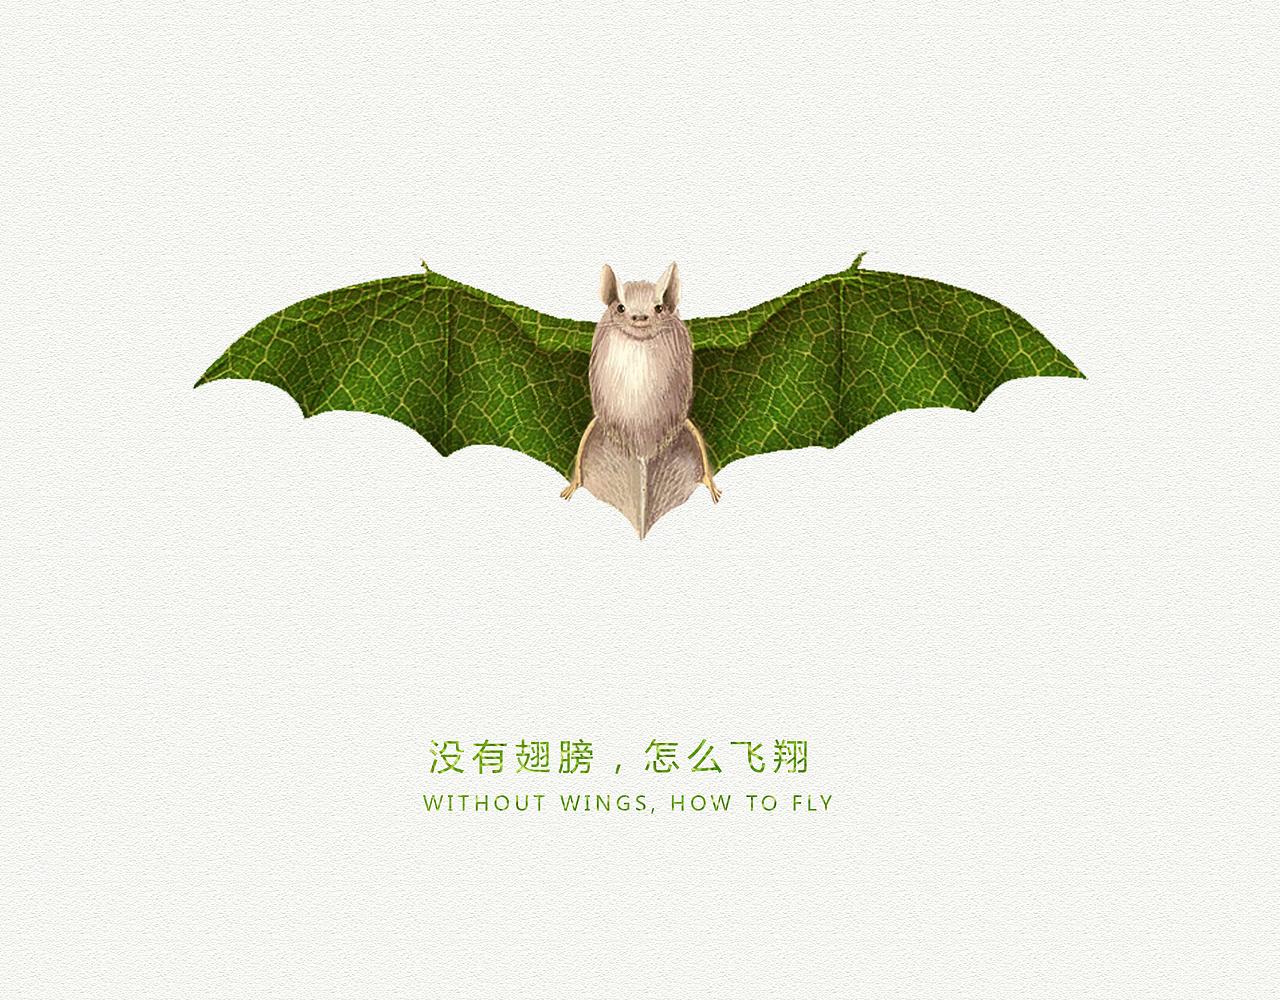 保护动物广告设计图片